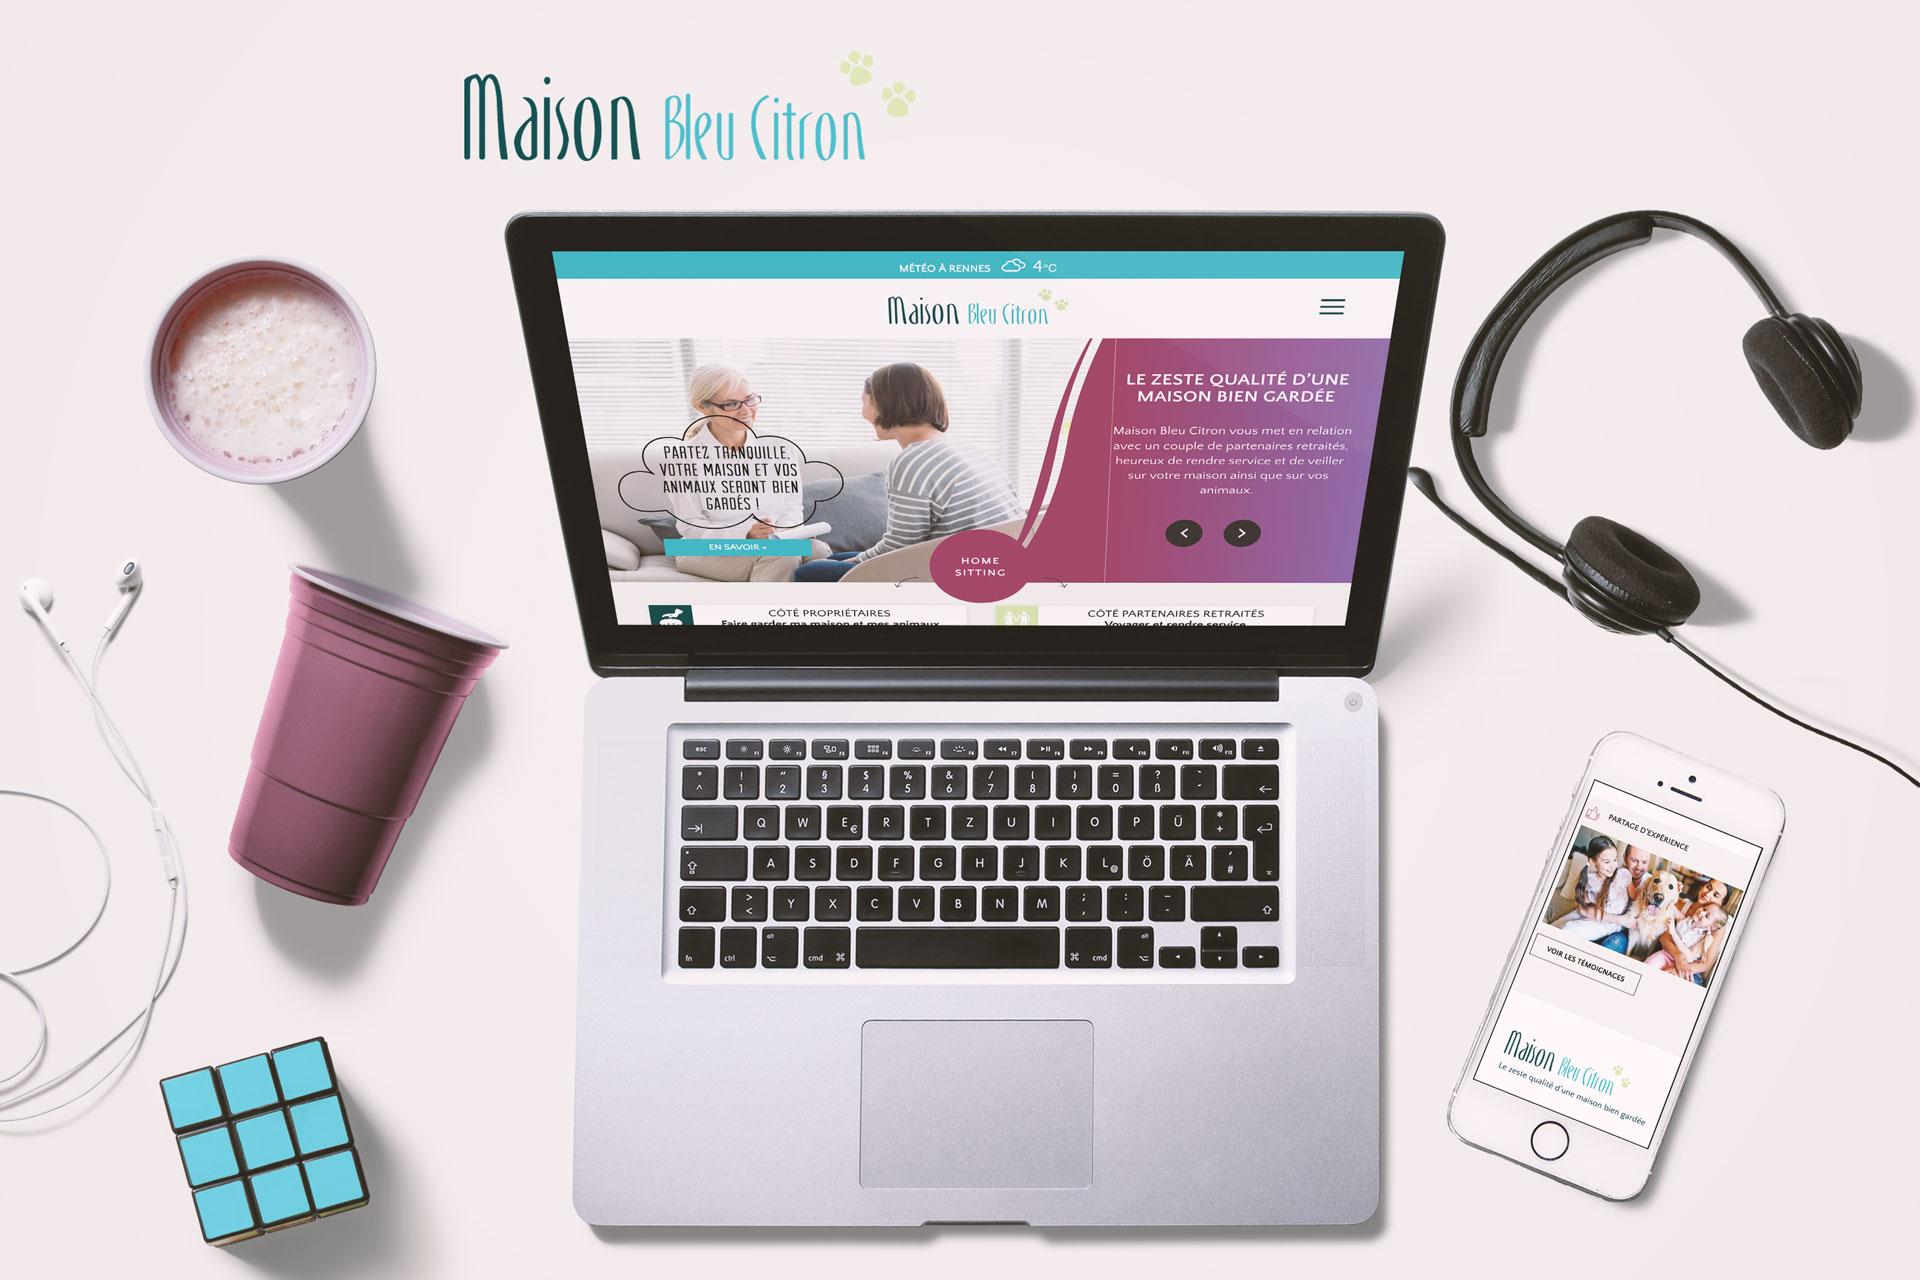 Site Web Maison Bleu Citron- Coqueliko